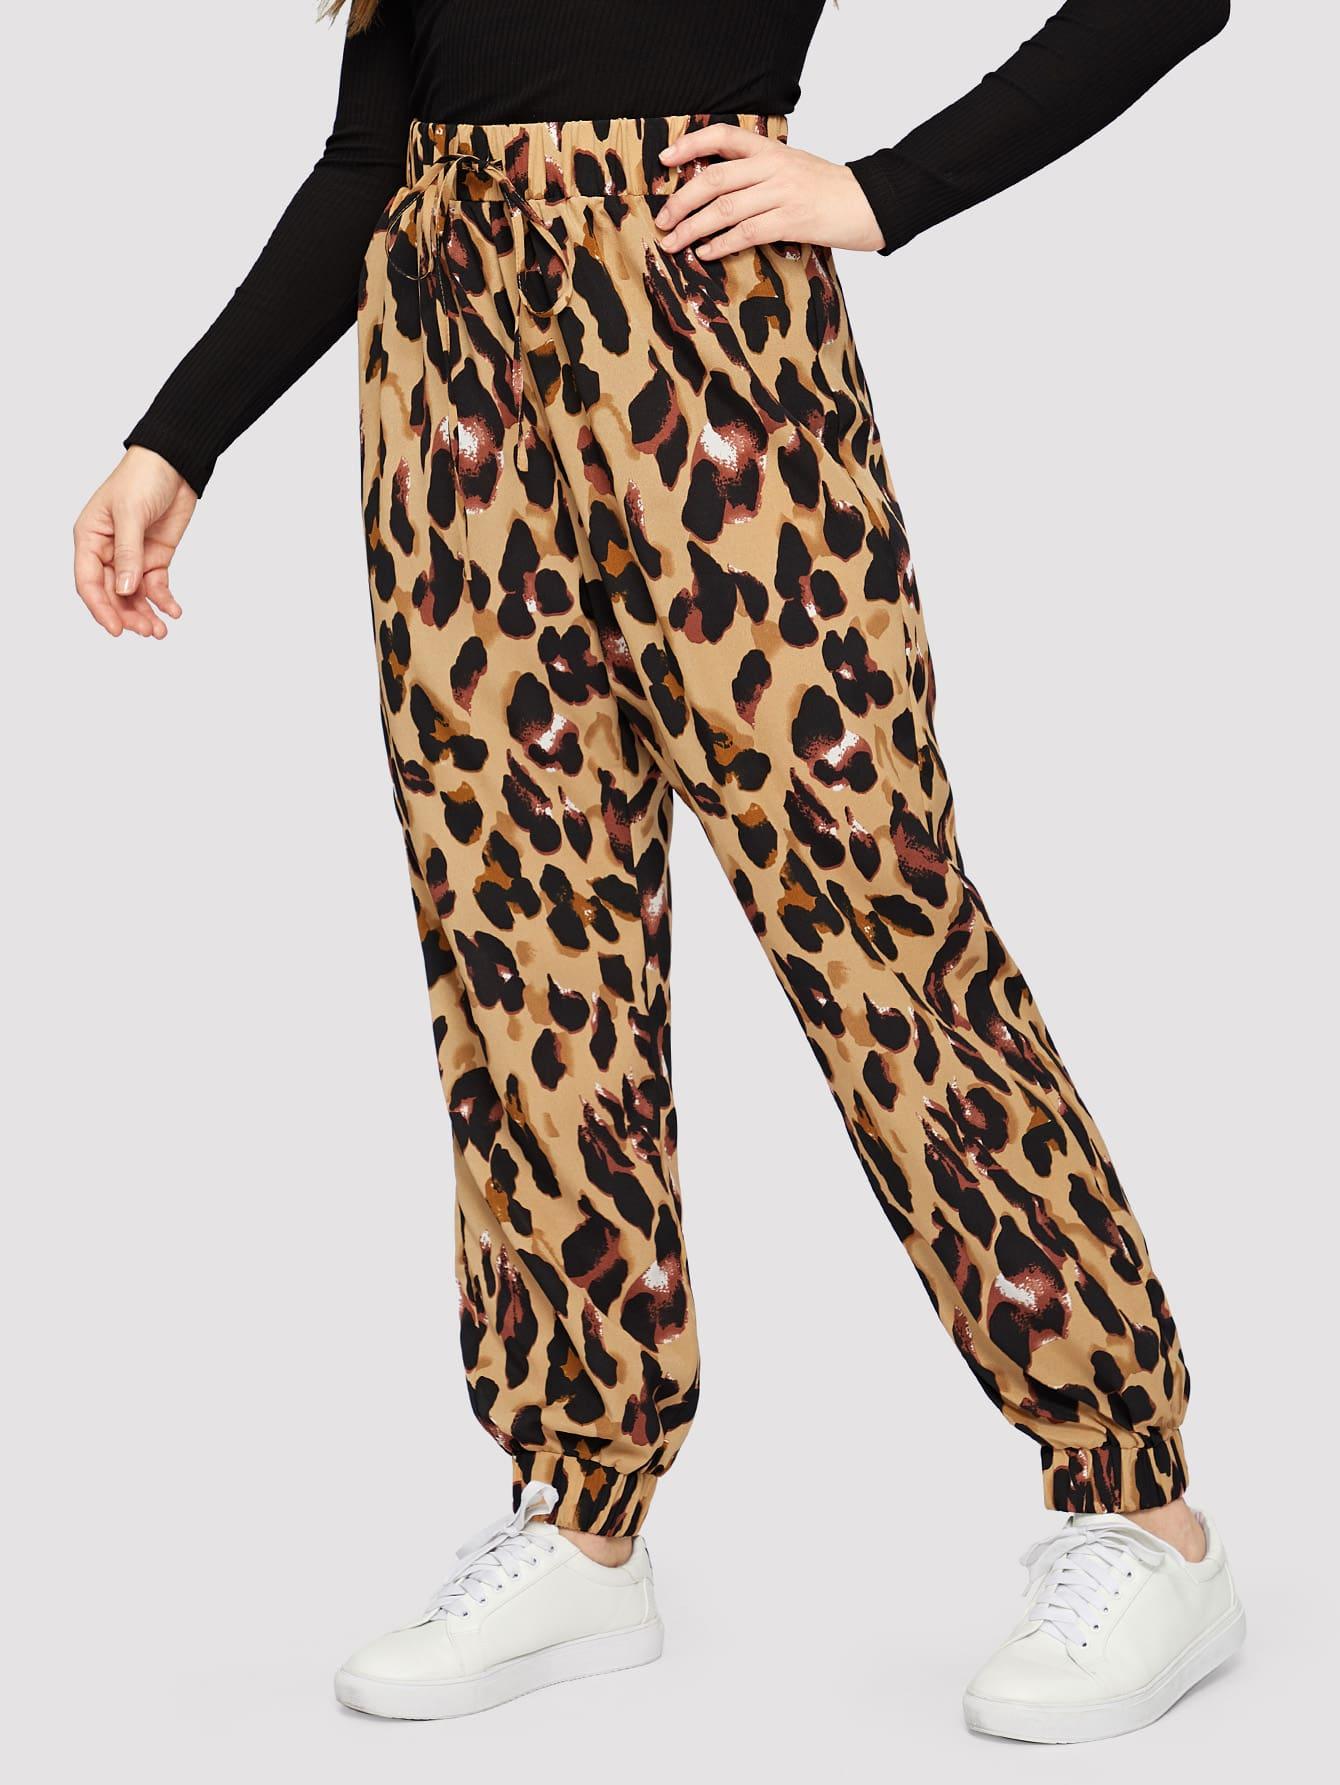 Купить Размер плюс леопардовые брюки с кулиской и упругой отделкой, Isabela, SheIn